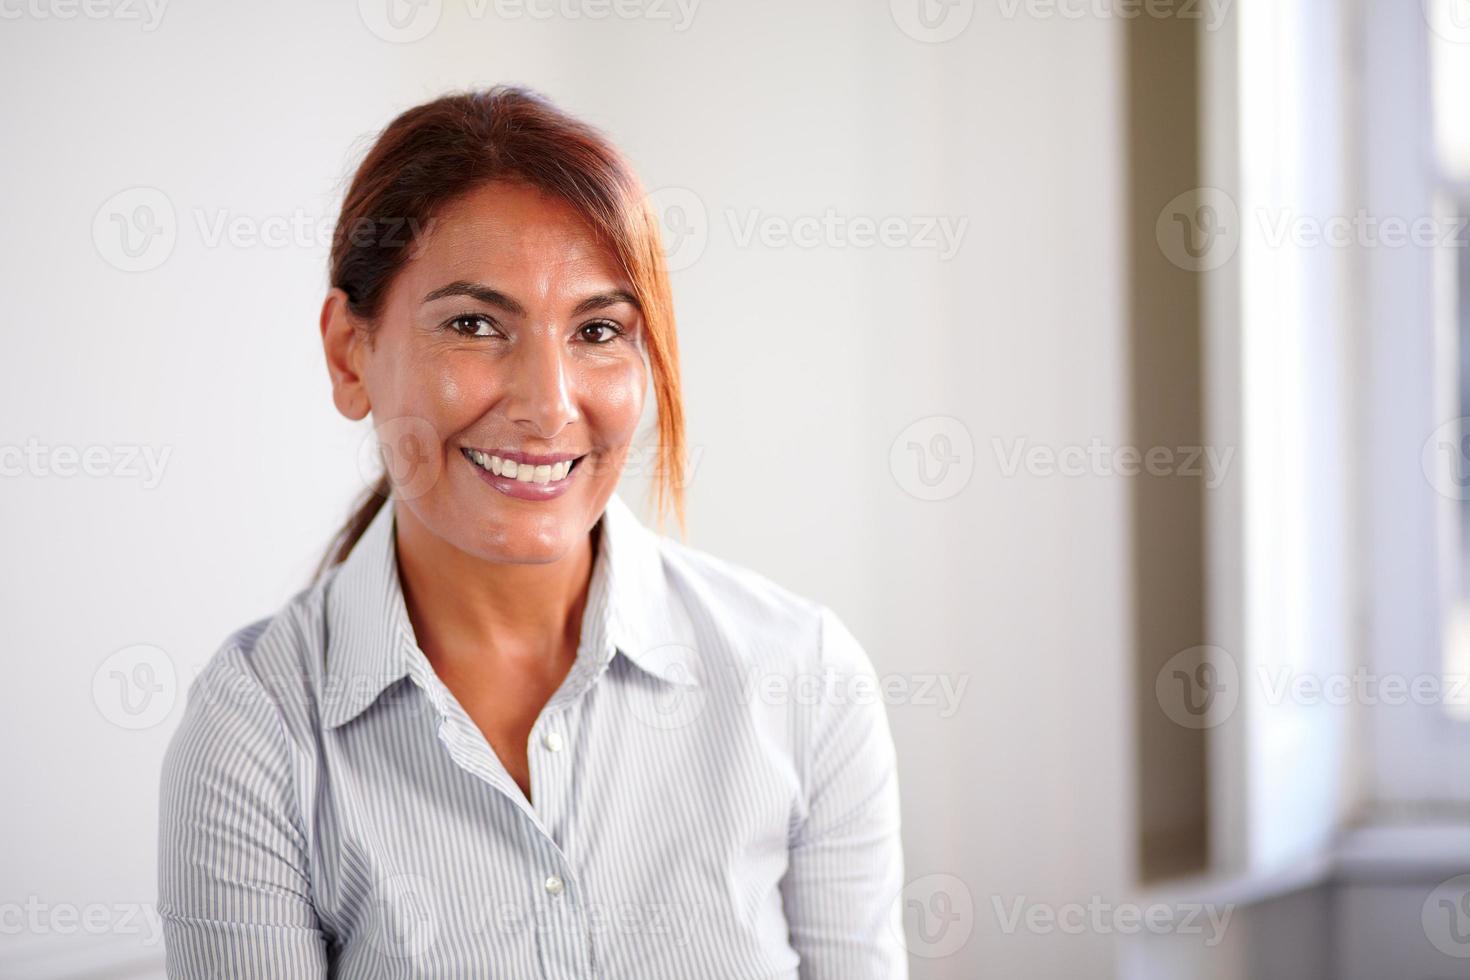 femme senior réfléchissante vous souriant photo